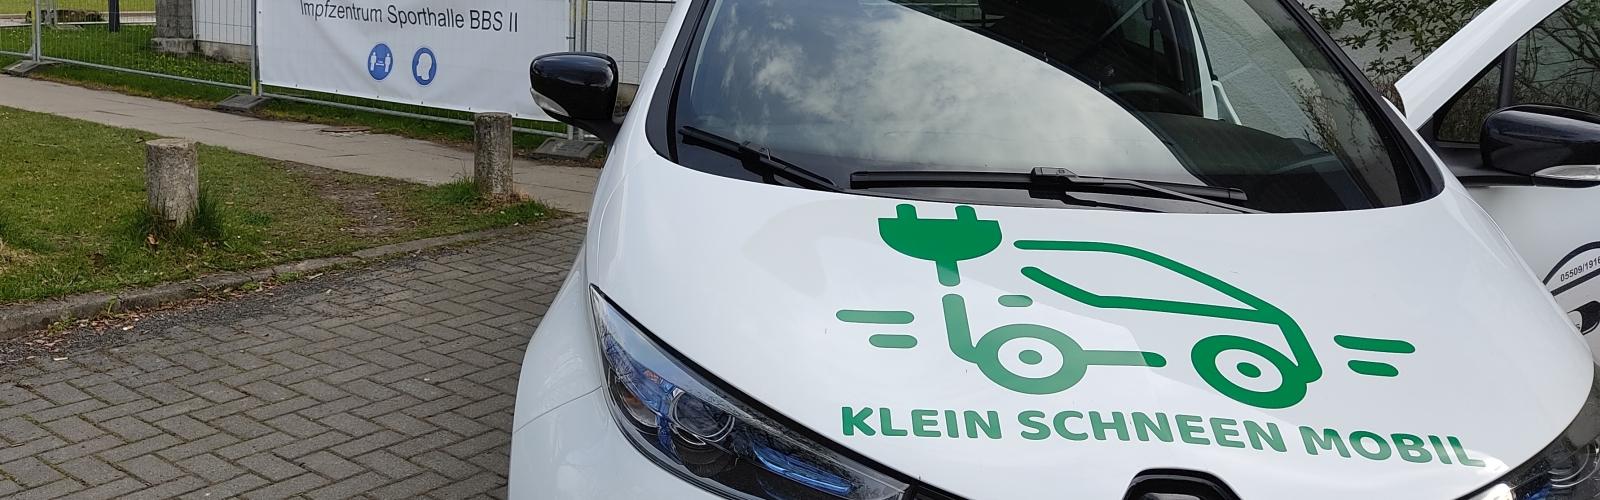 Mit dem E-Auto von Klein Schneen Mobil zur Impfung